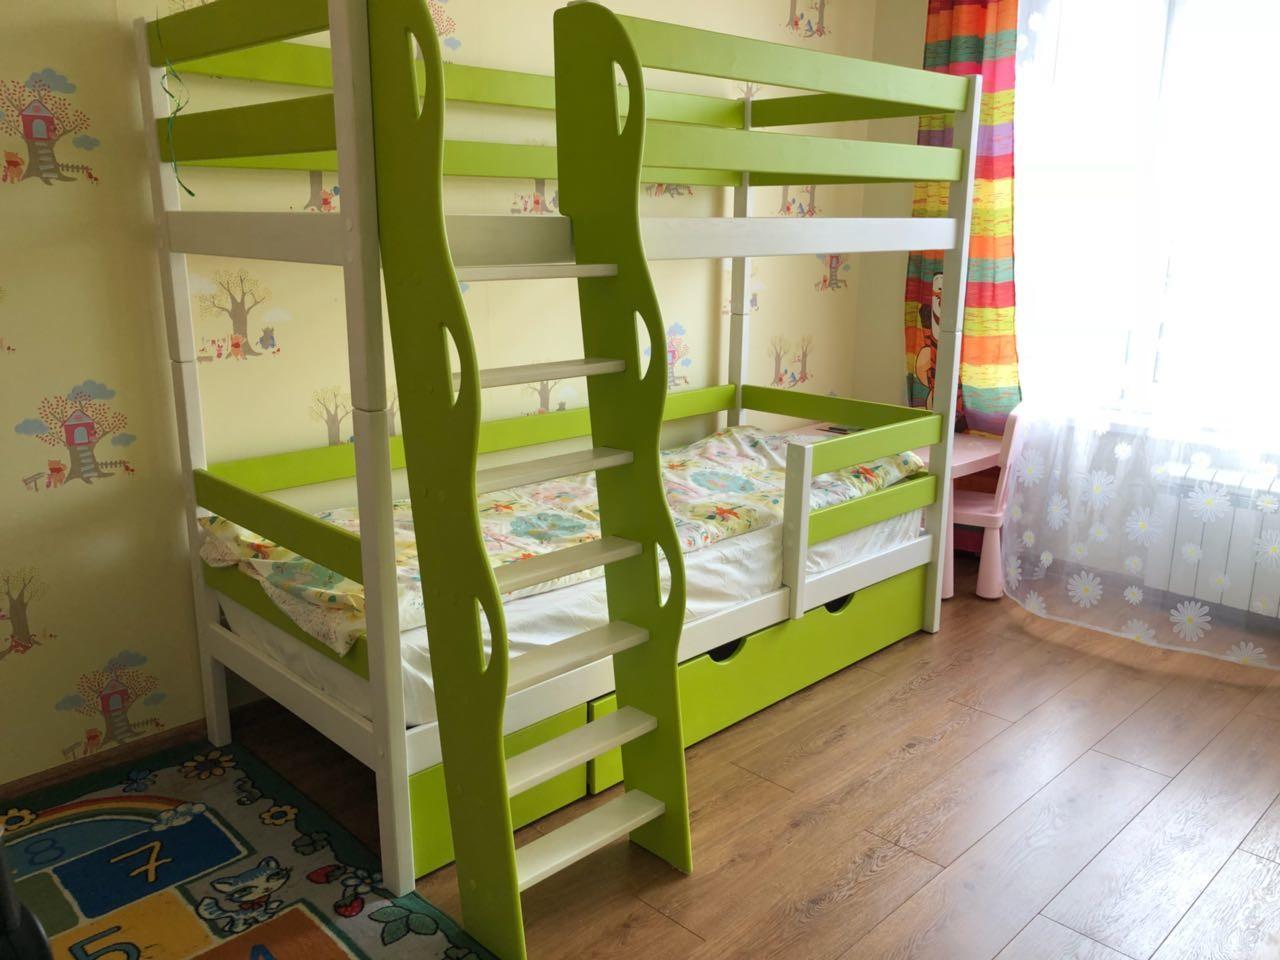 кровать 2 ярусная наклонной лестницей